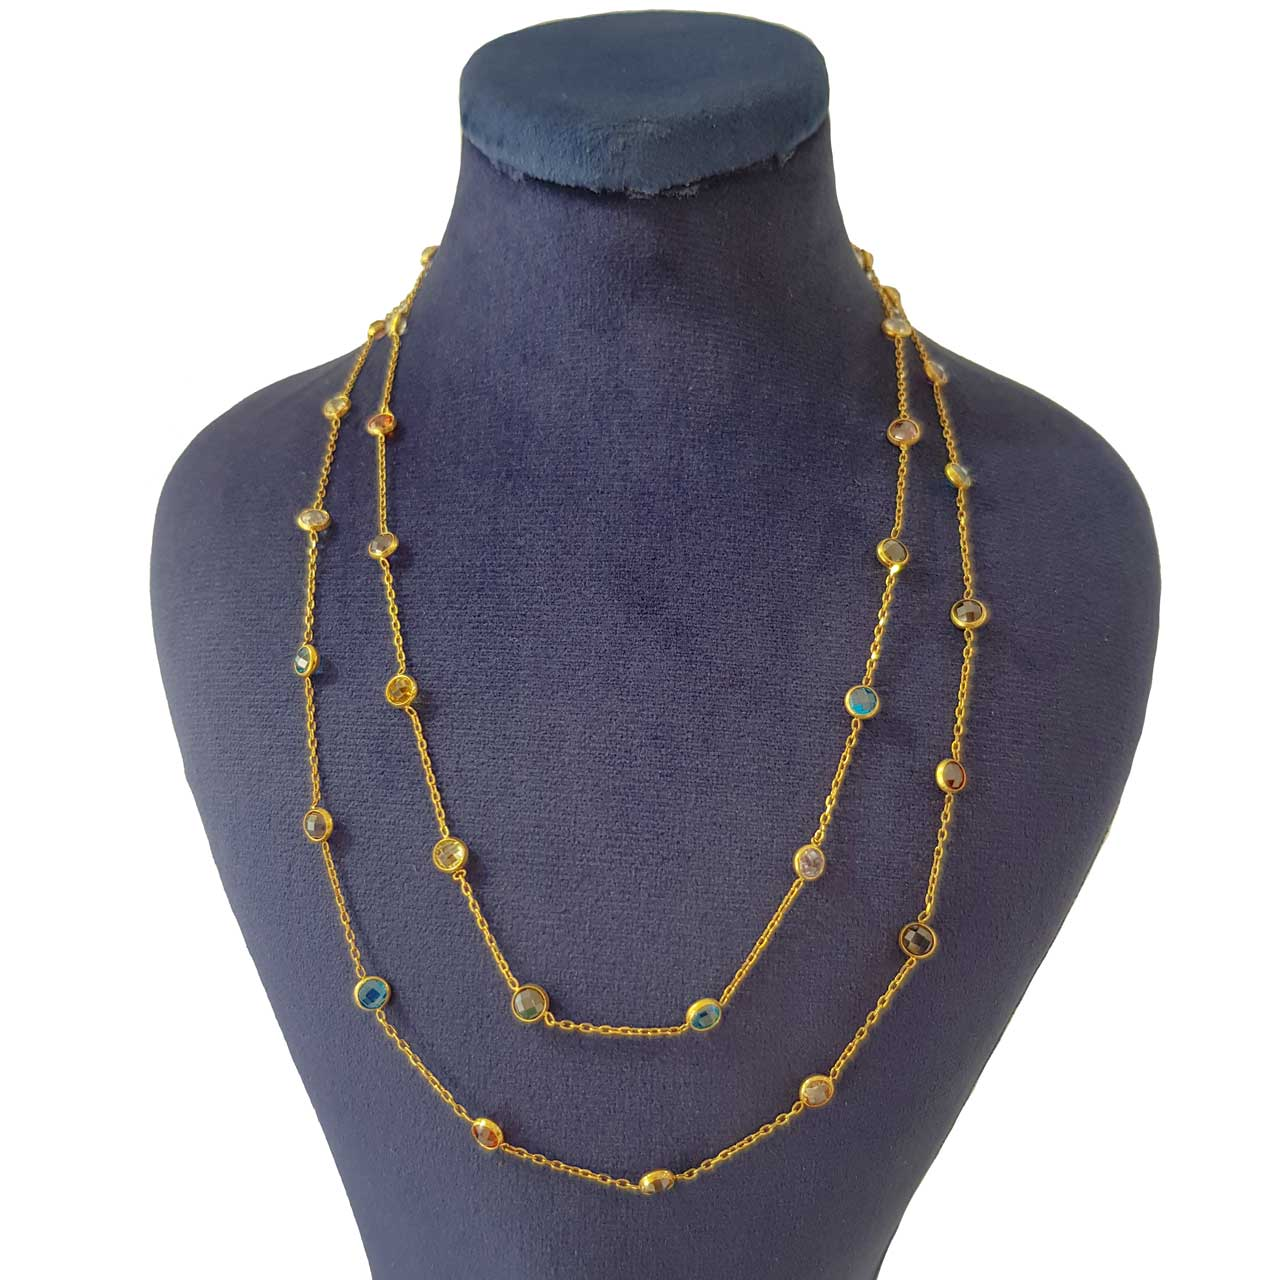 گردنبند طلا 18 عیار زنانه کانیار گالری مدل مارکو کد 2